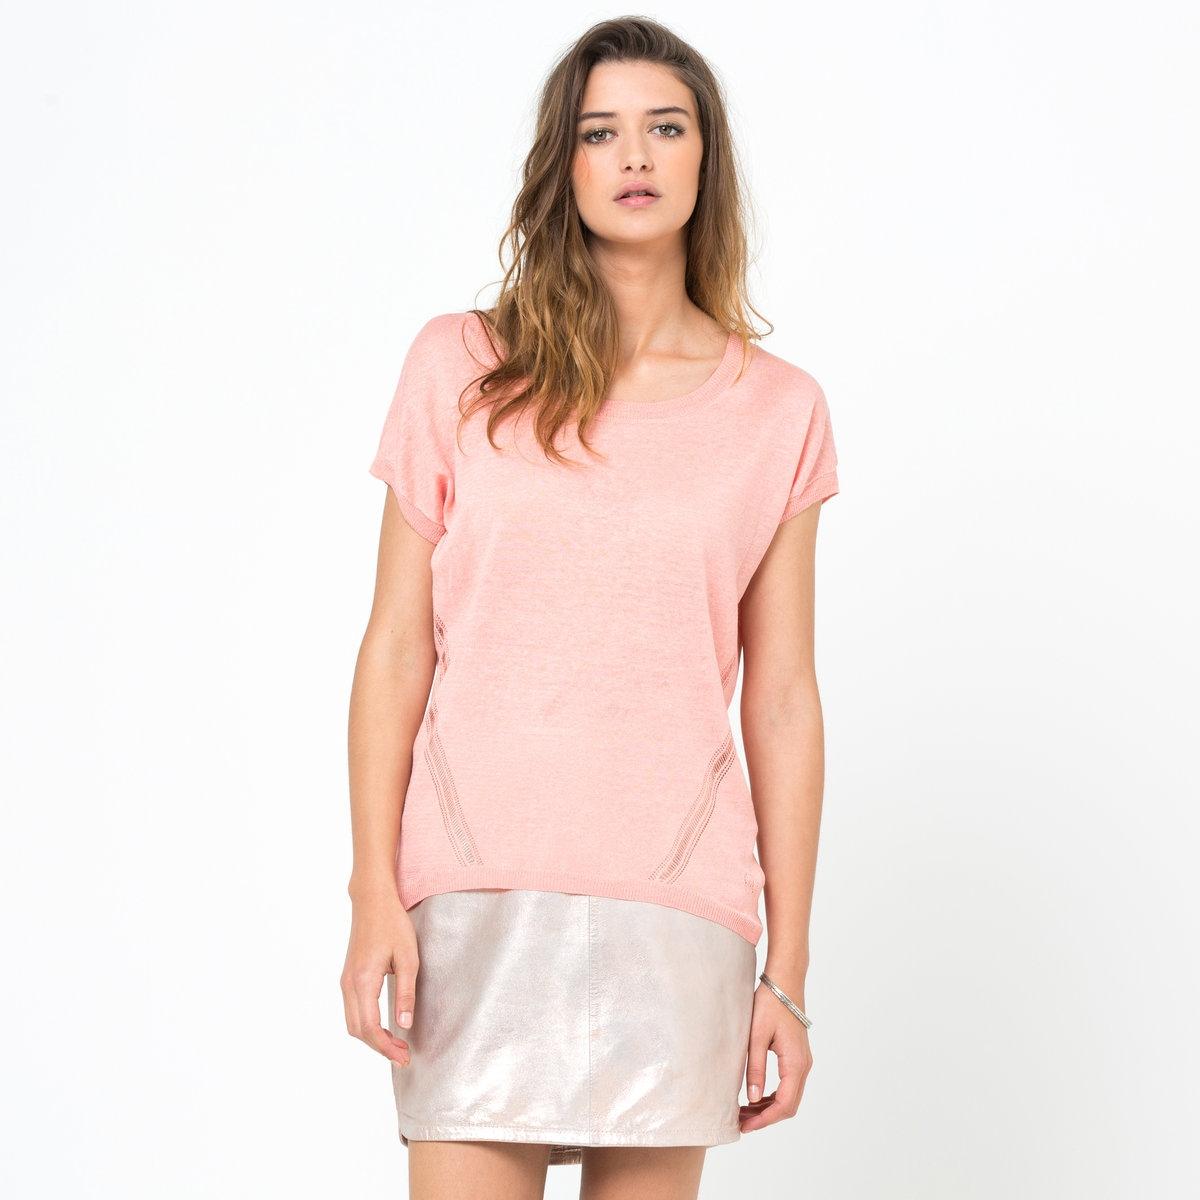 Пуловер с короткими рукавами, 100% льнаСтильная модель Soft Grey с короткими рукавами. 100% льна. Свободный квадратный покрой. Ажурные детали. Круглый вырез. Длина ок. 63 см сзади и ок. 56 см спереди.<br><br>Цвет: розовый<br>Размер: 42/44 (FR) - 48/50 (RUS)